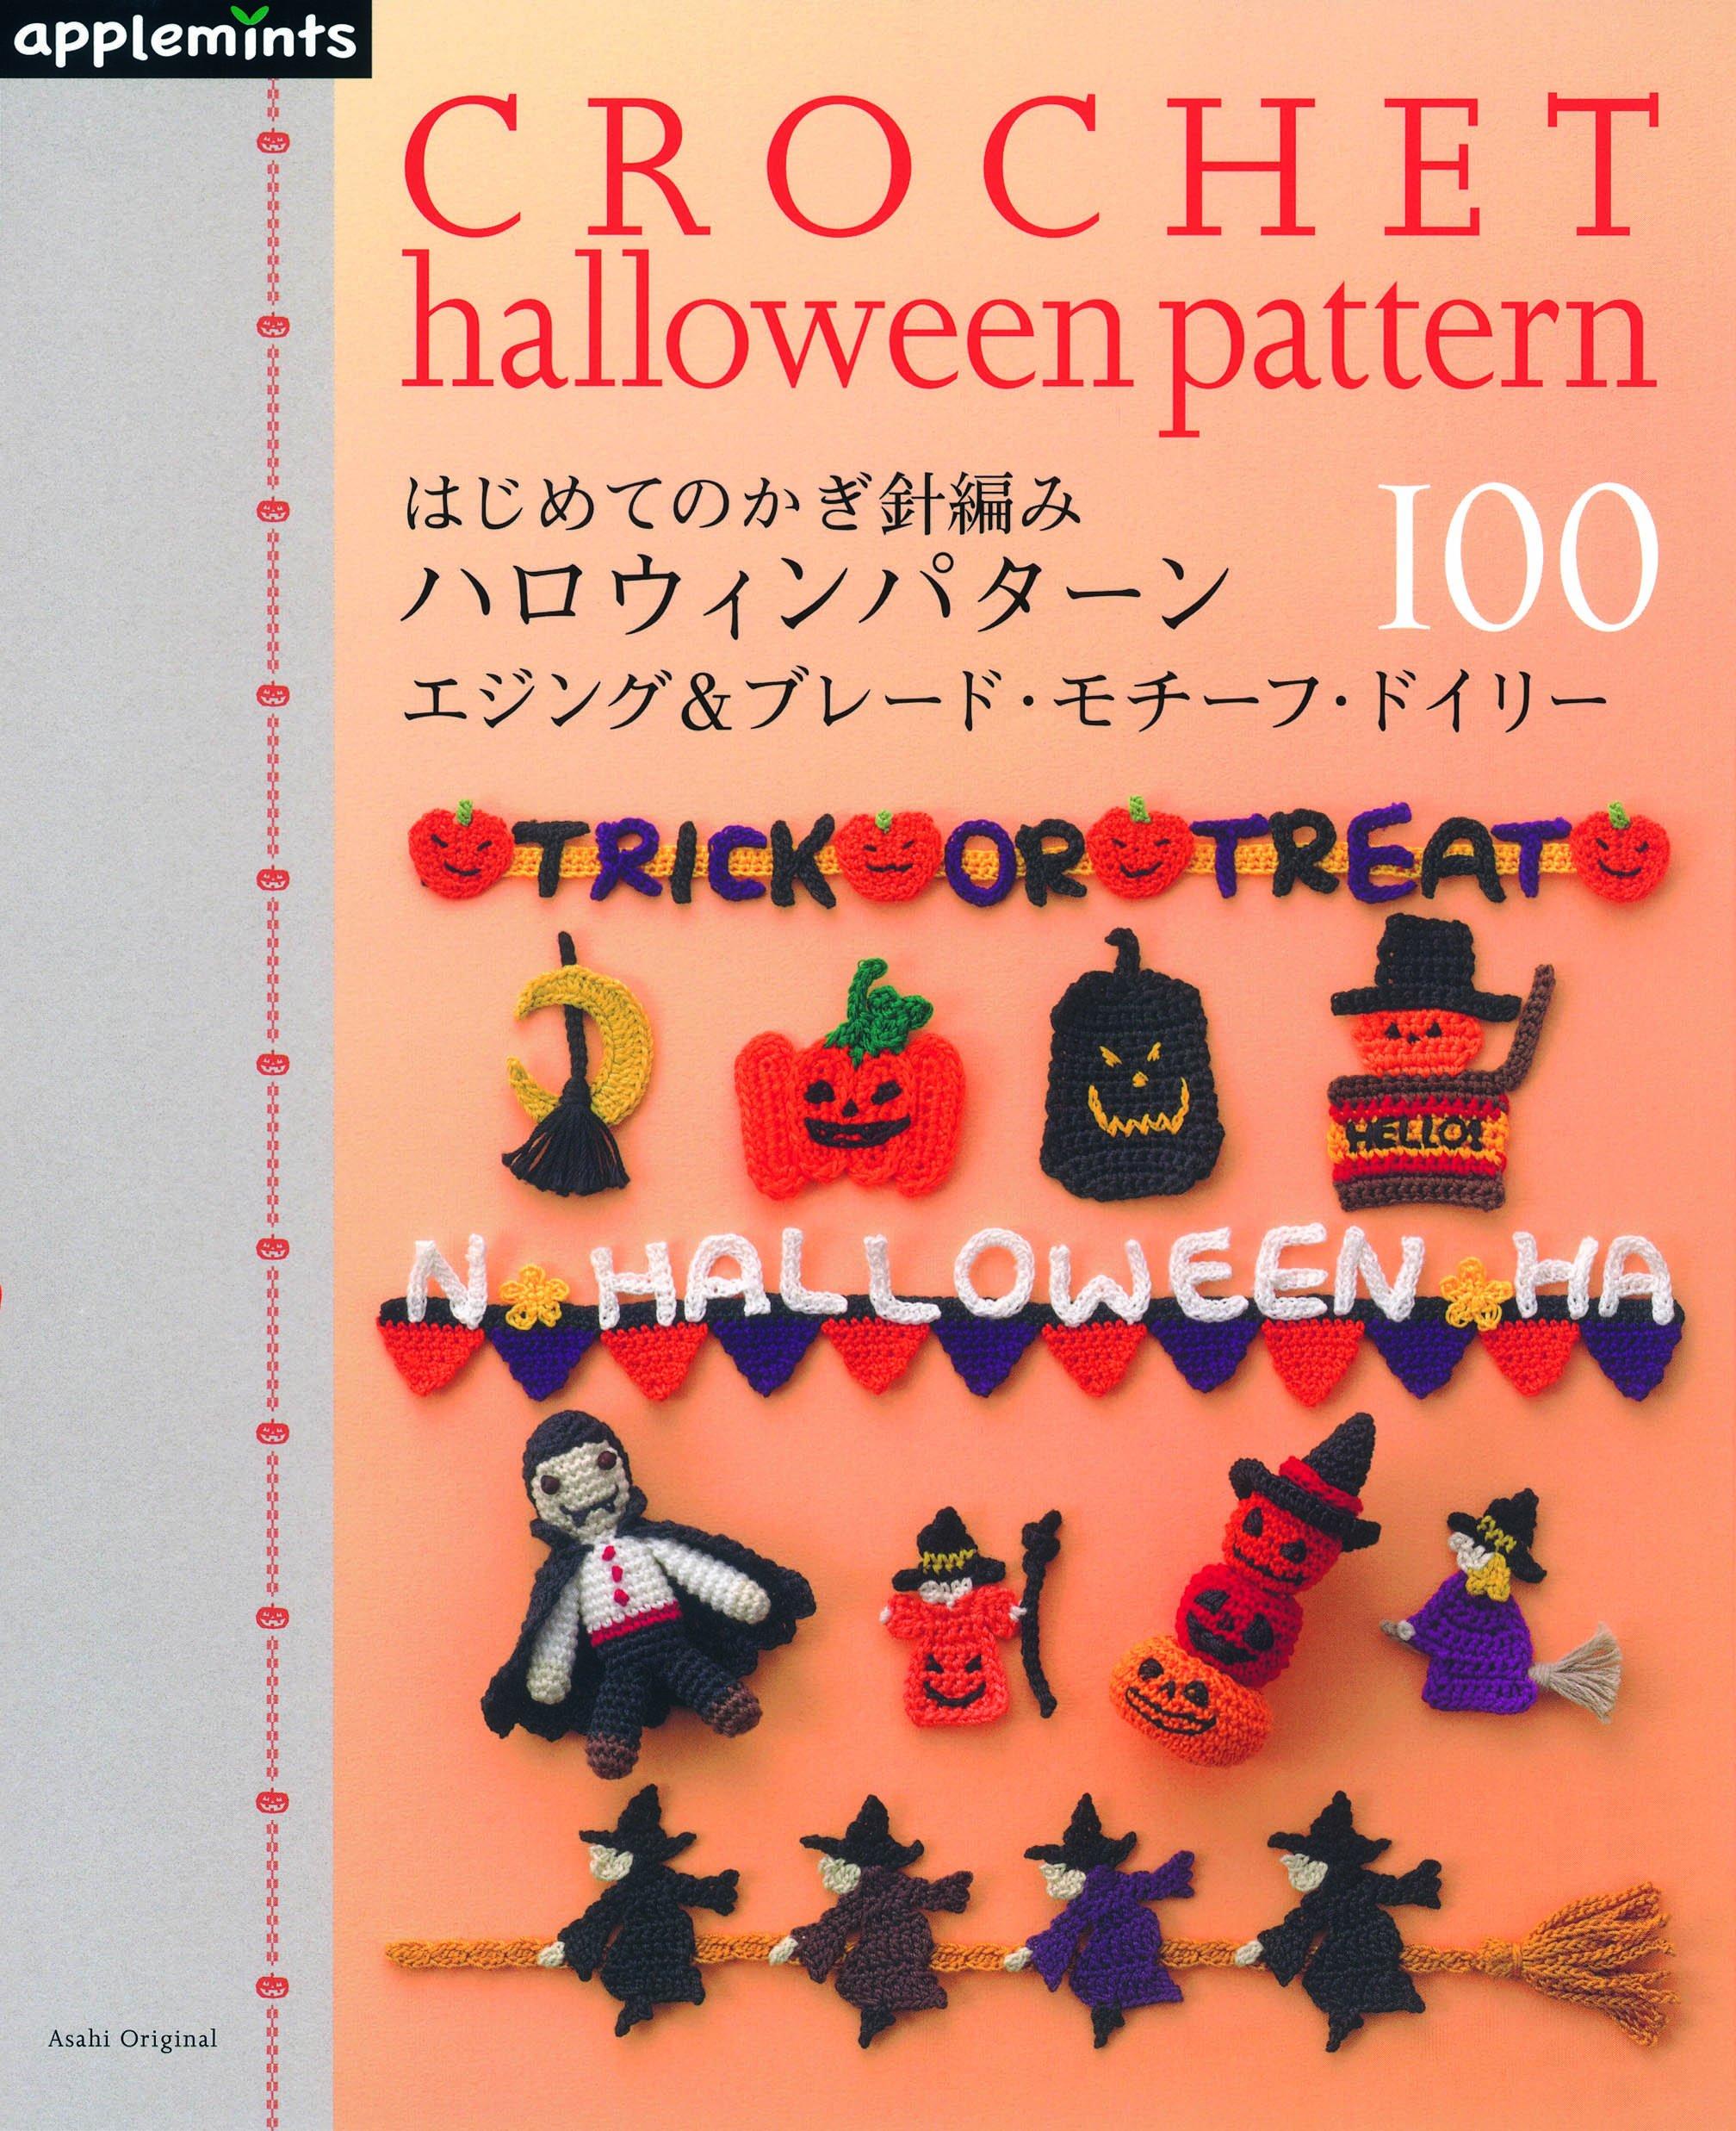 Crochet Halloween pattern 100 Ejingu & blade